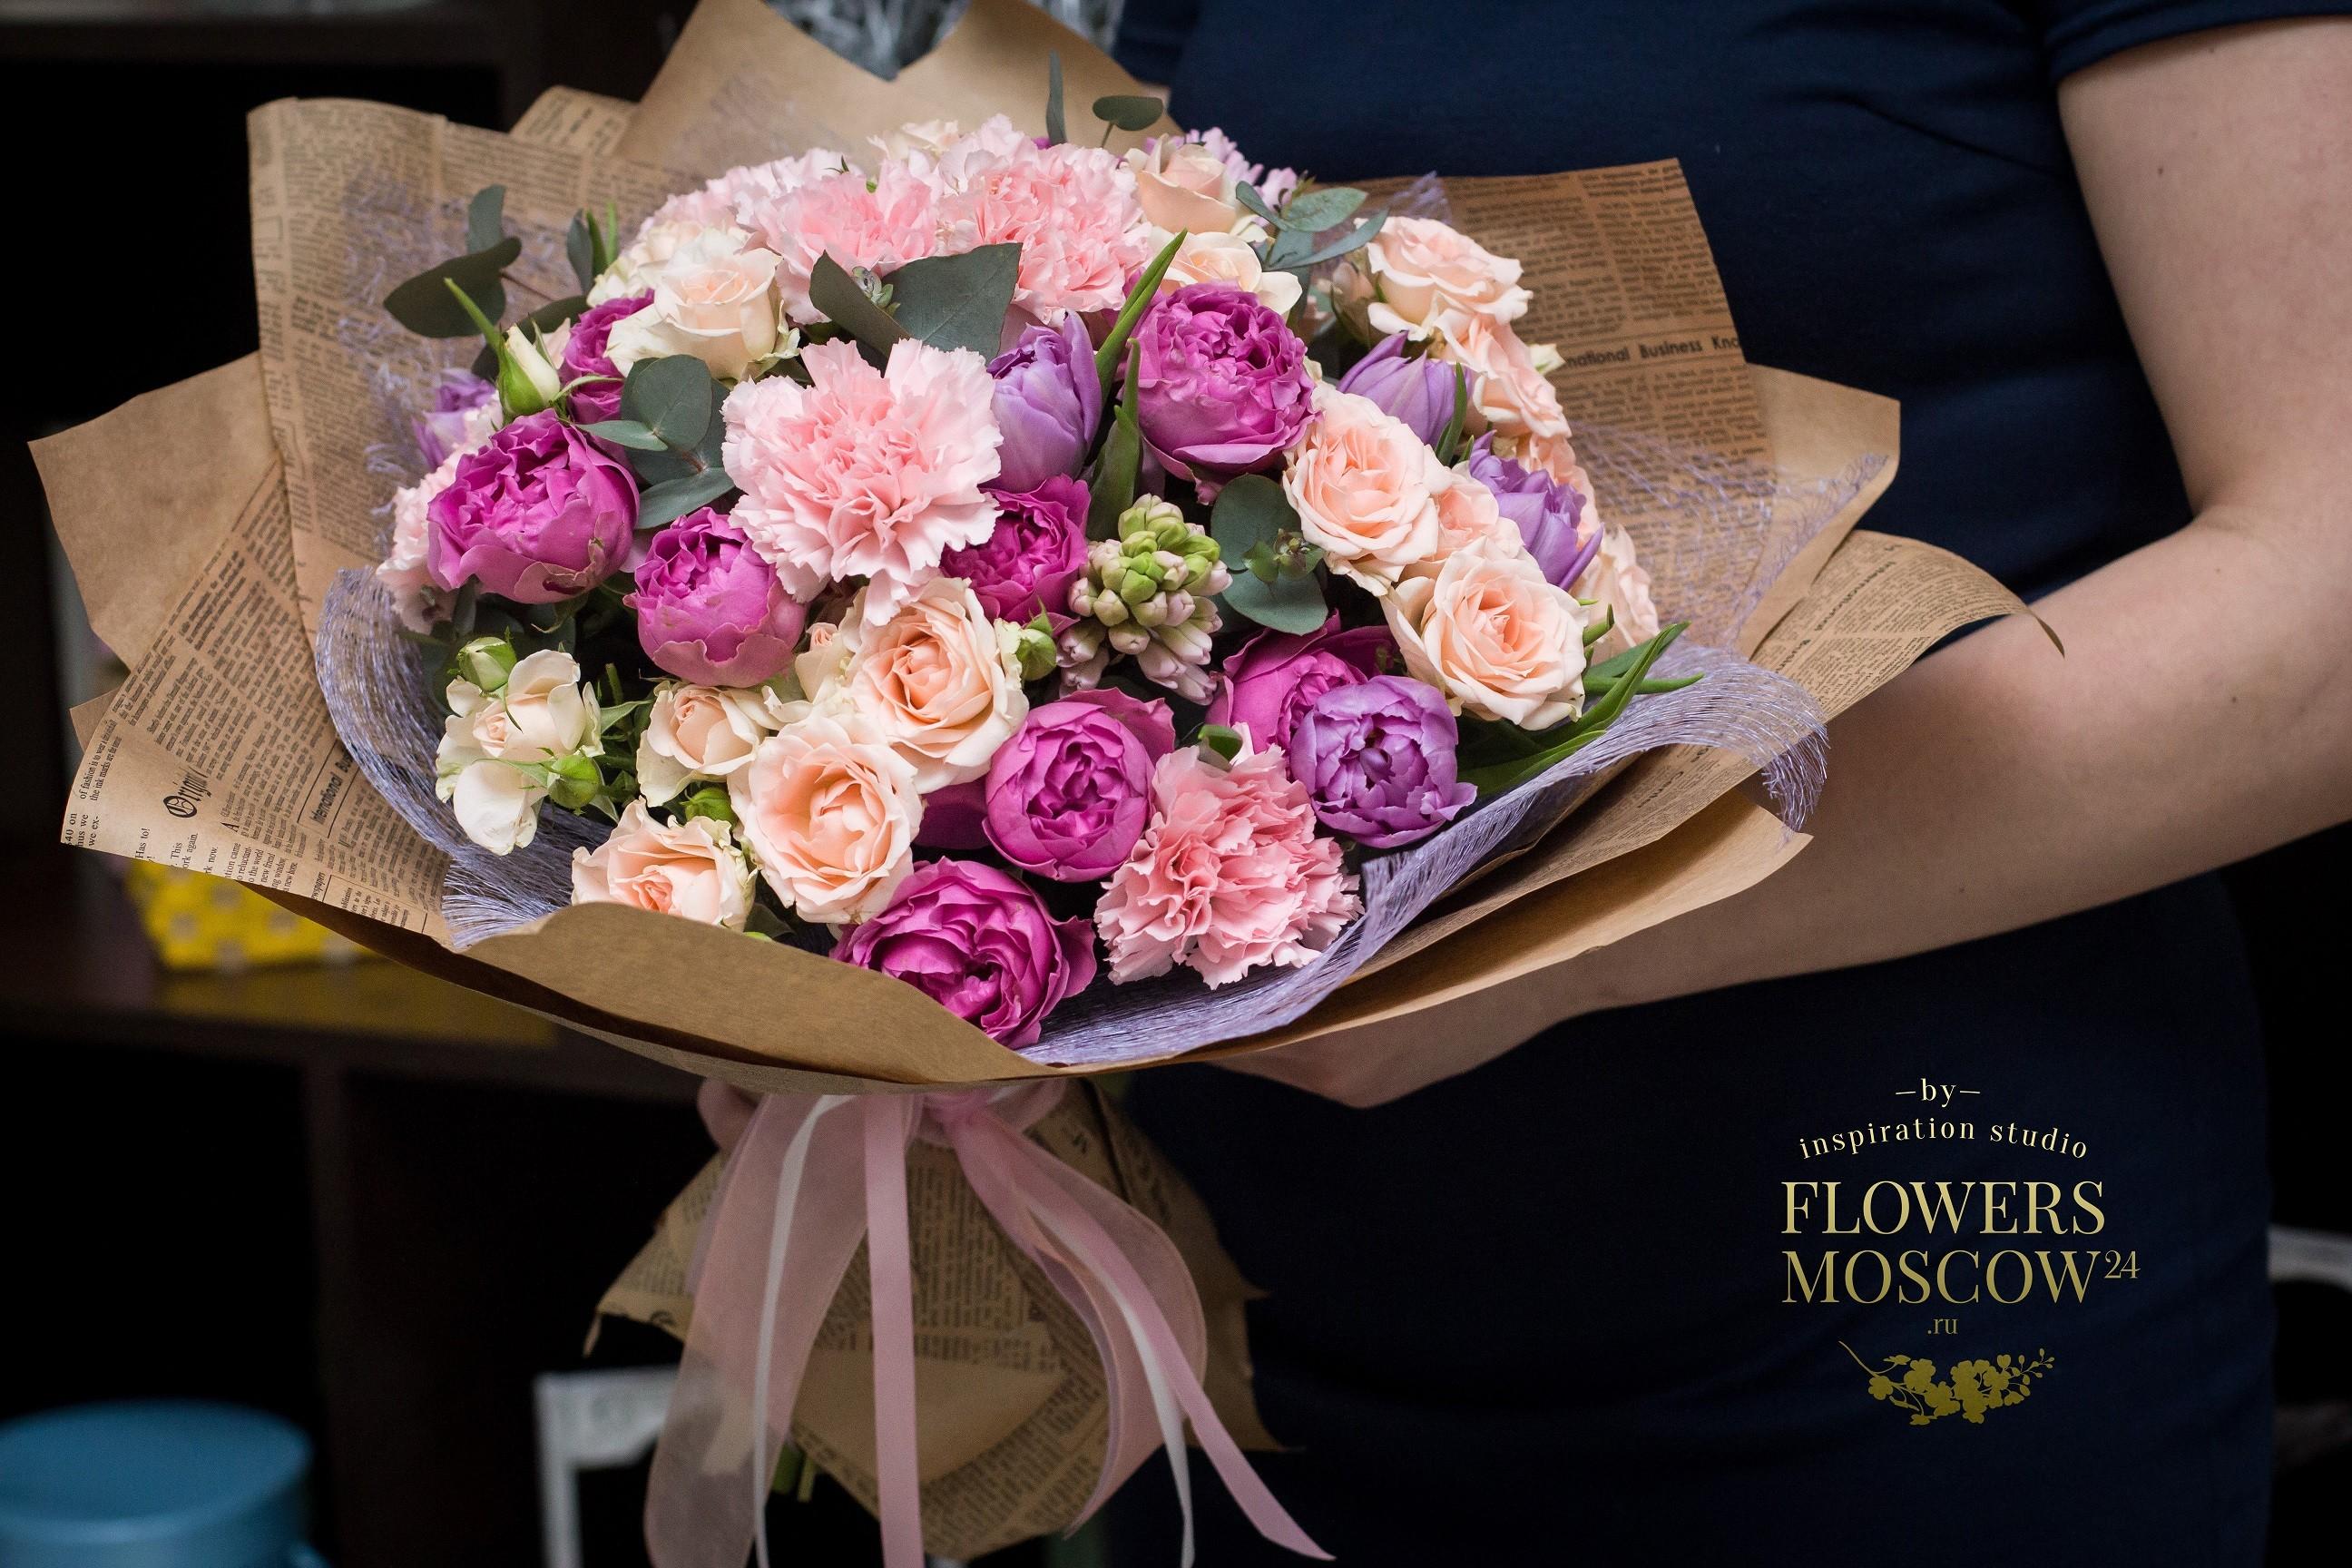 Букет с пионовидными розами, тюльпанами, гиацинтами и эвкалиптом №15